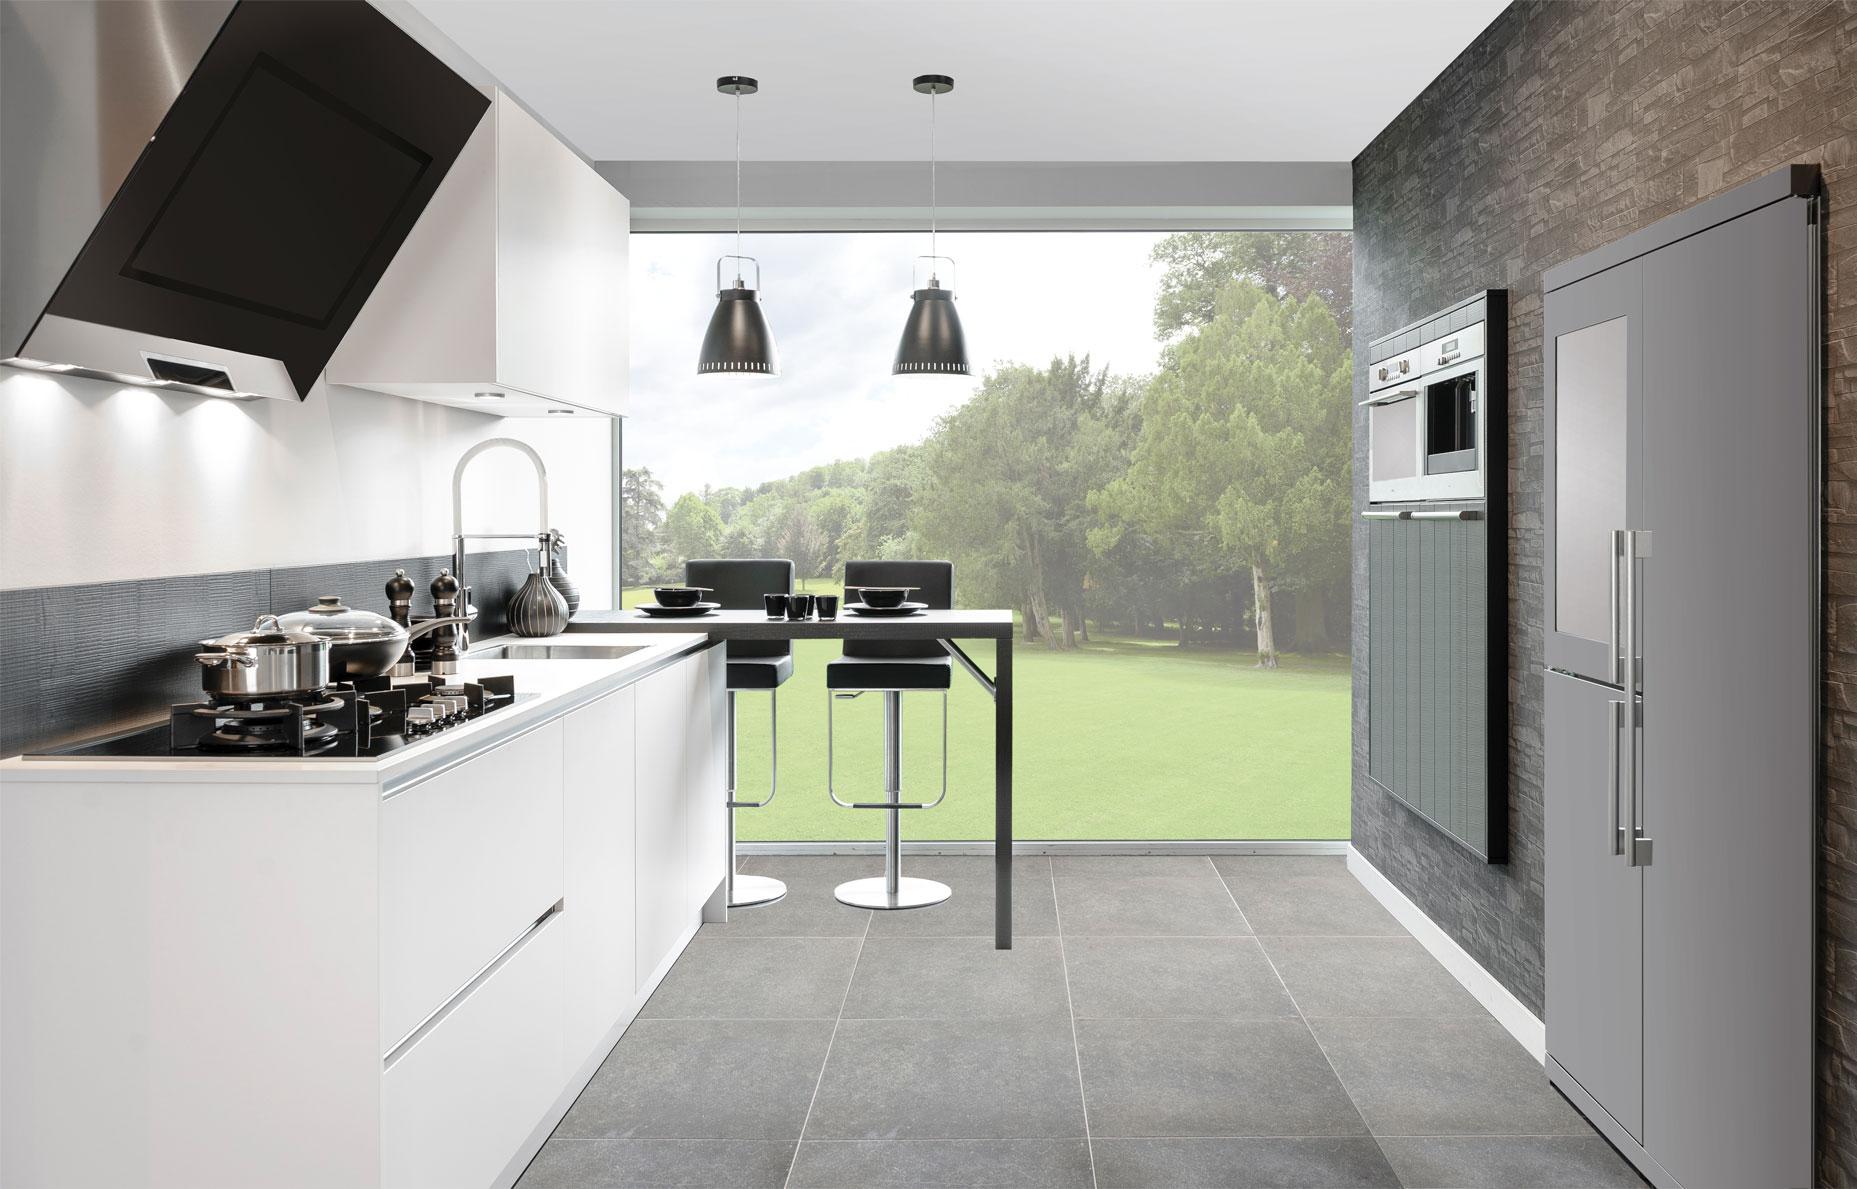 Luxe Design Keuken : Nieuwe keuken kopen kies hier eerst jouw keukenstijl nieuws